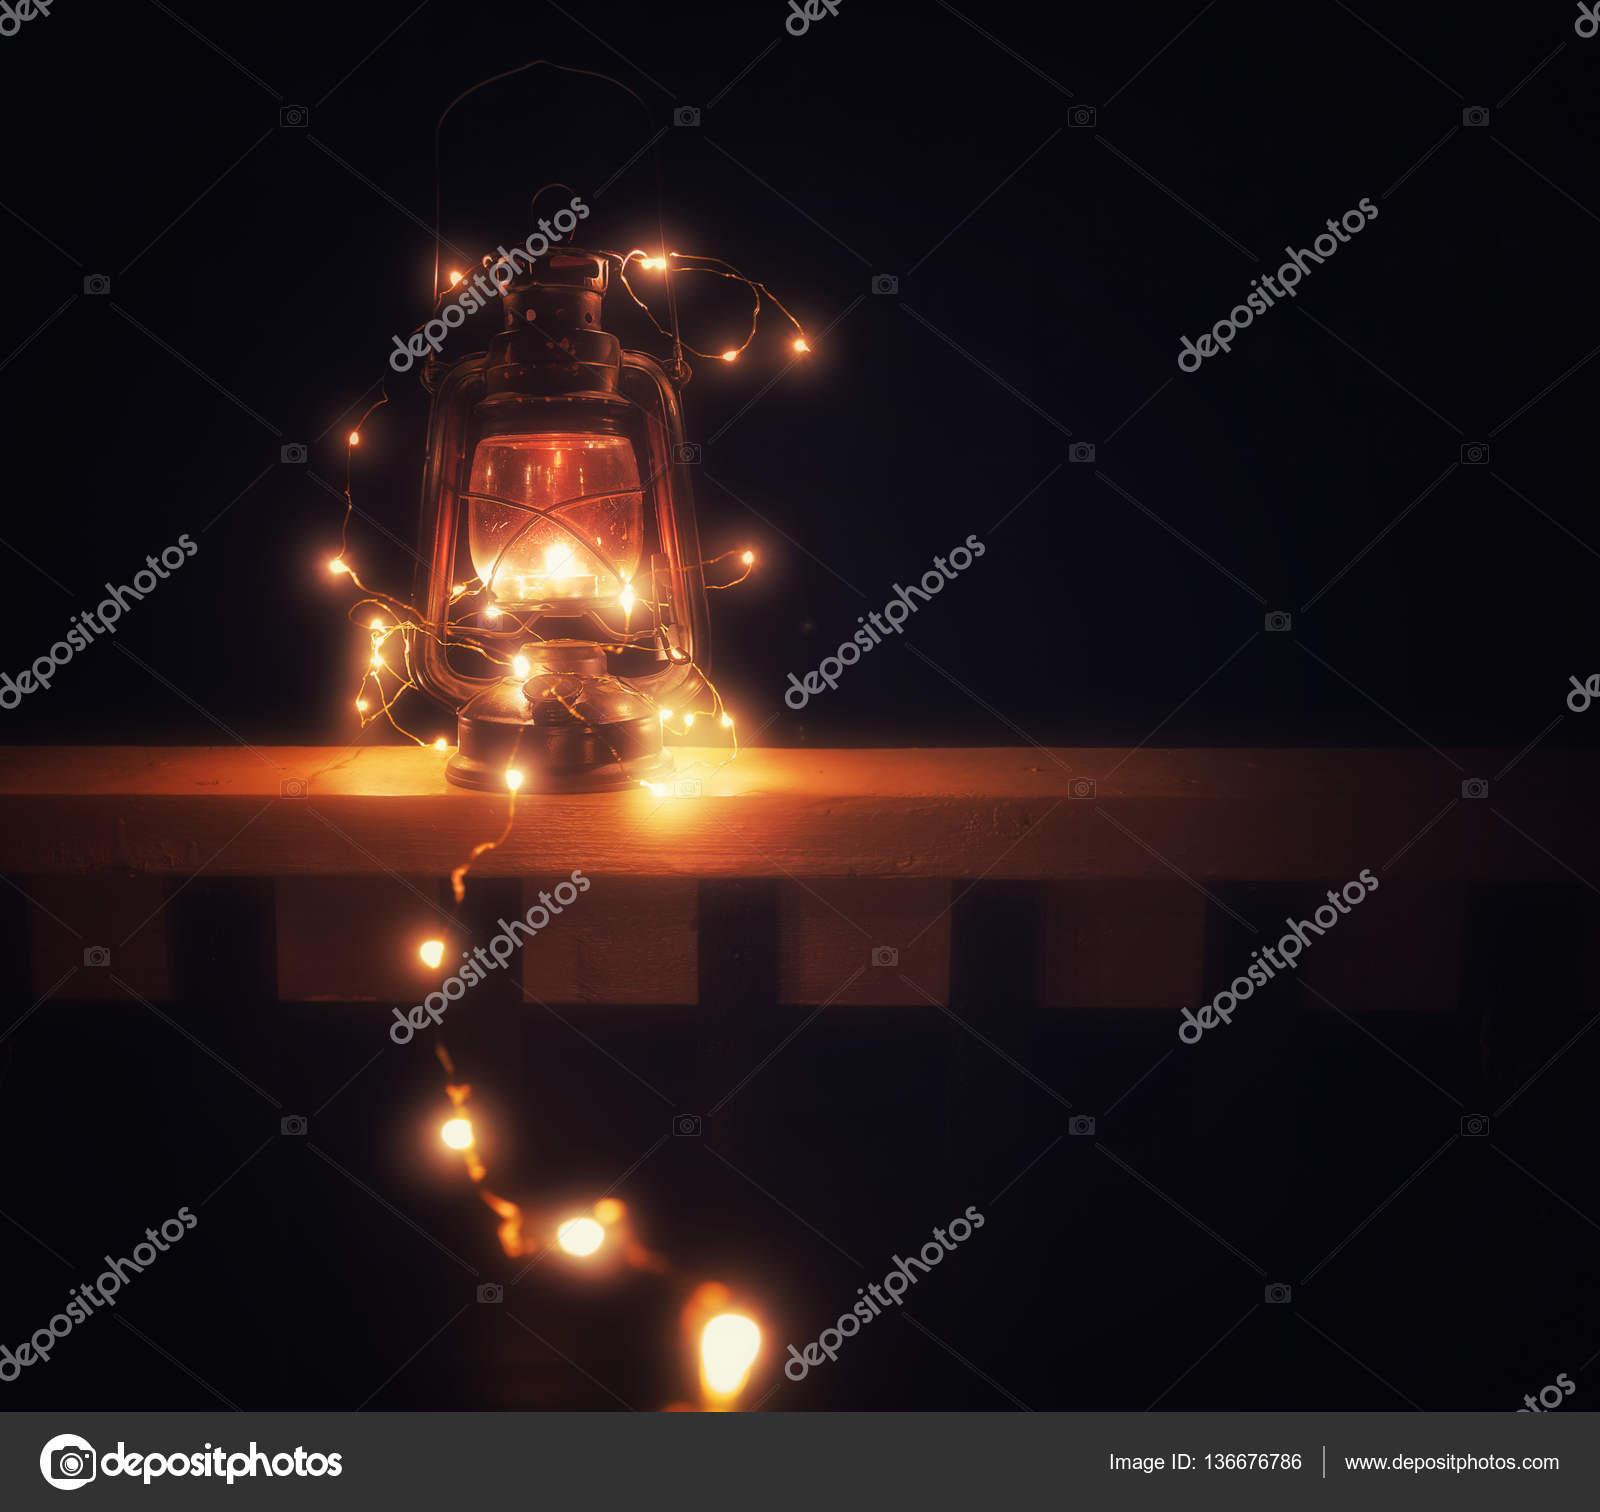 https://st3.depositphotos.com/1445720/13667/i/1600/depositphotos_136676786-stockafbeelding-vintage-toverlantaarn-met-verlichting-s.jpg